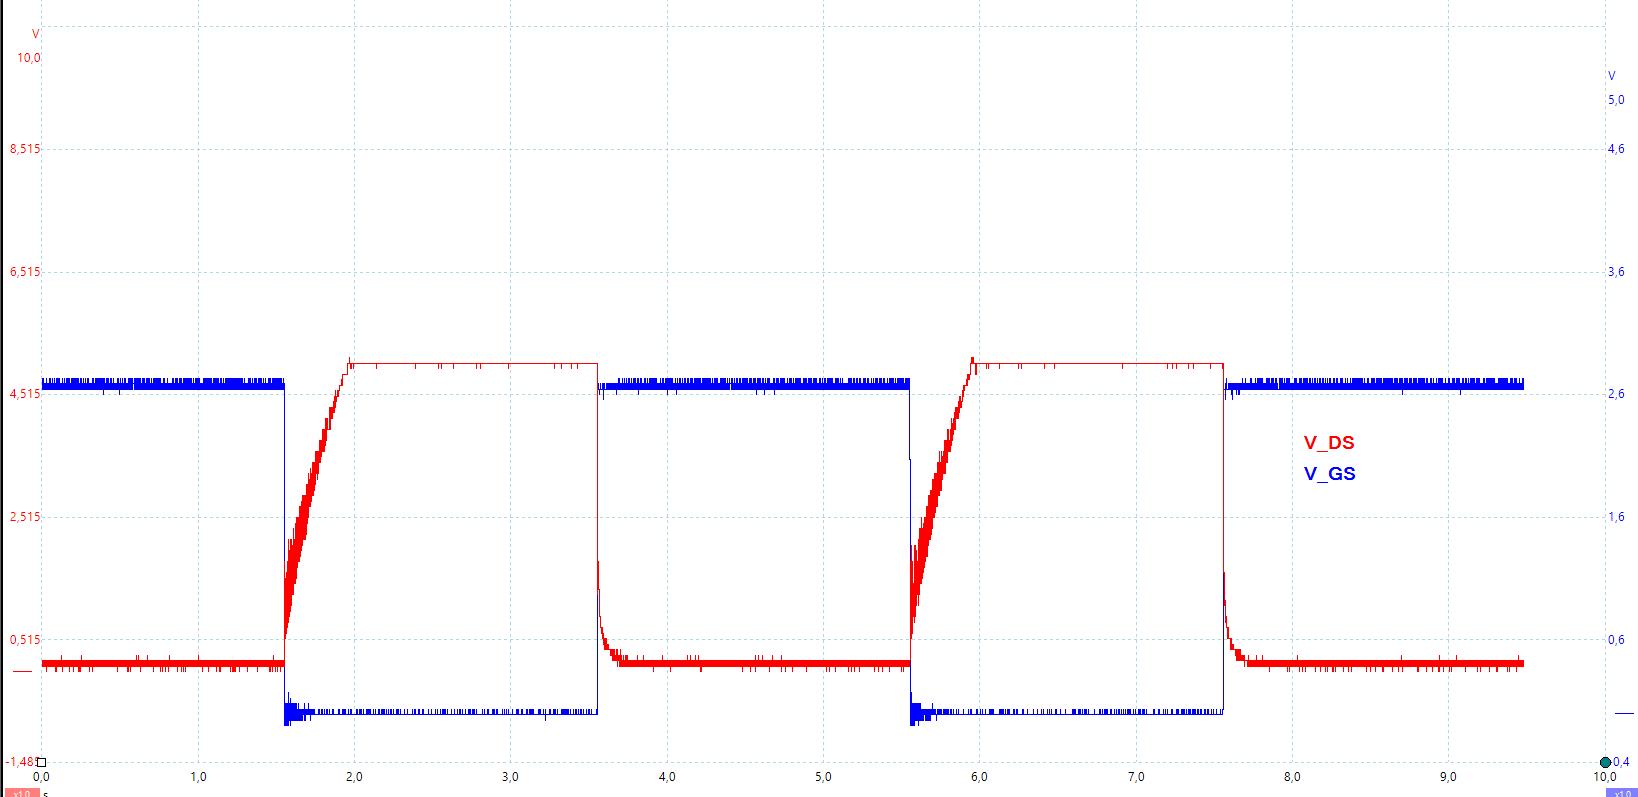 PicoScope Arduino Uno V_DS and V_GS